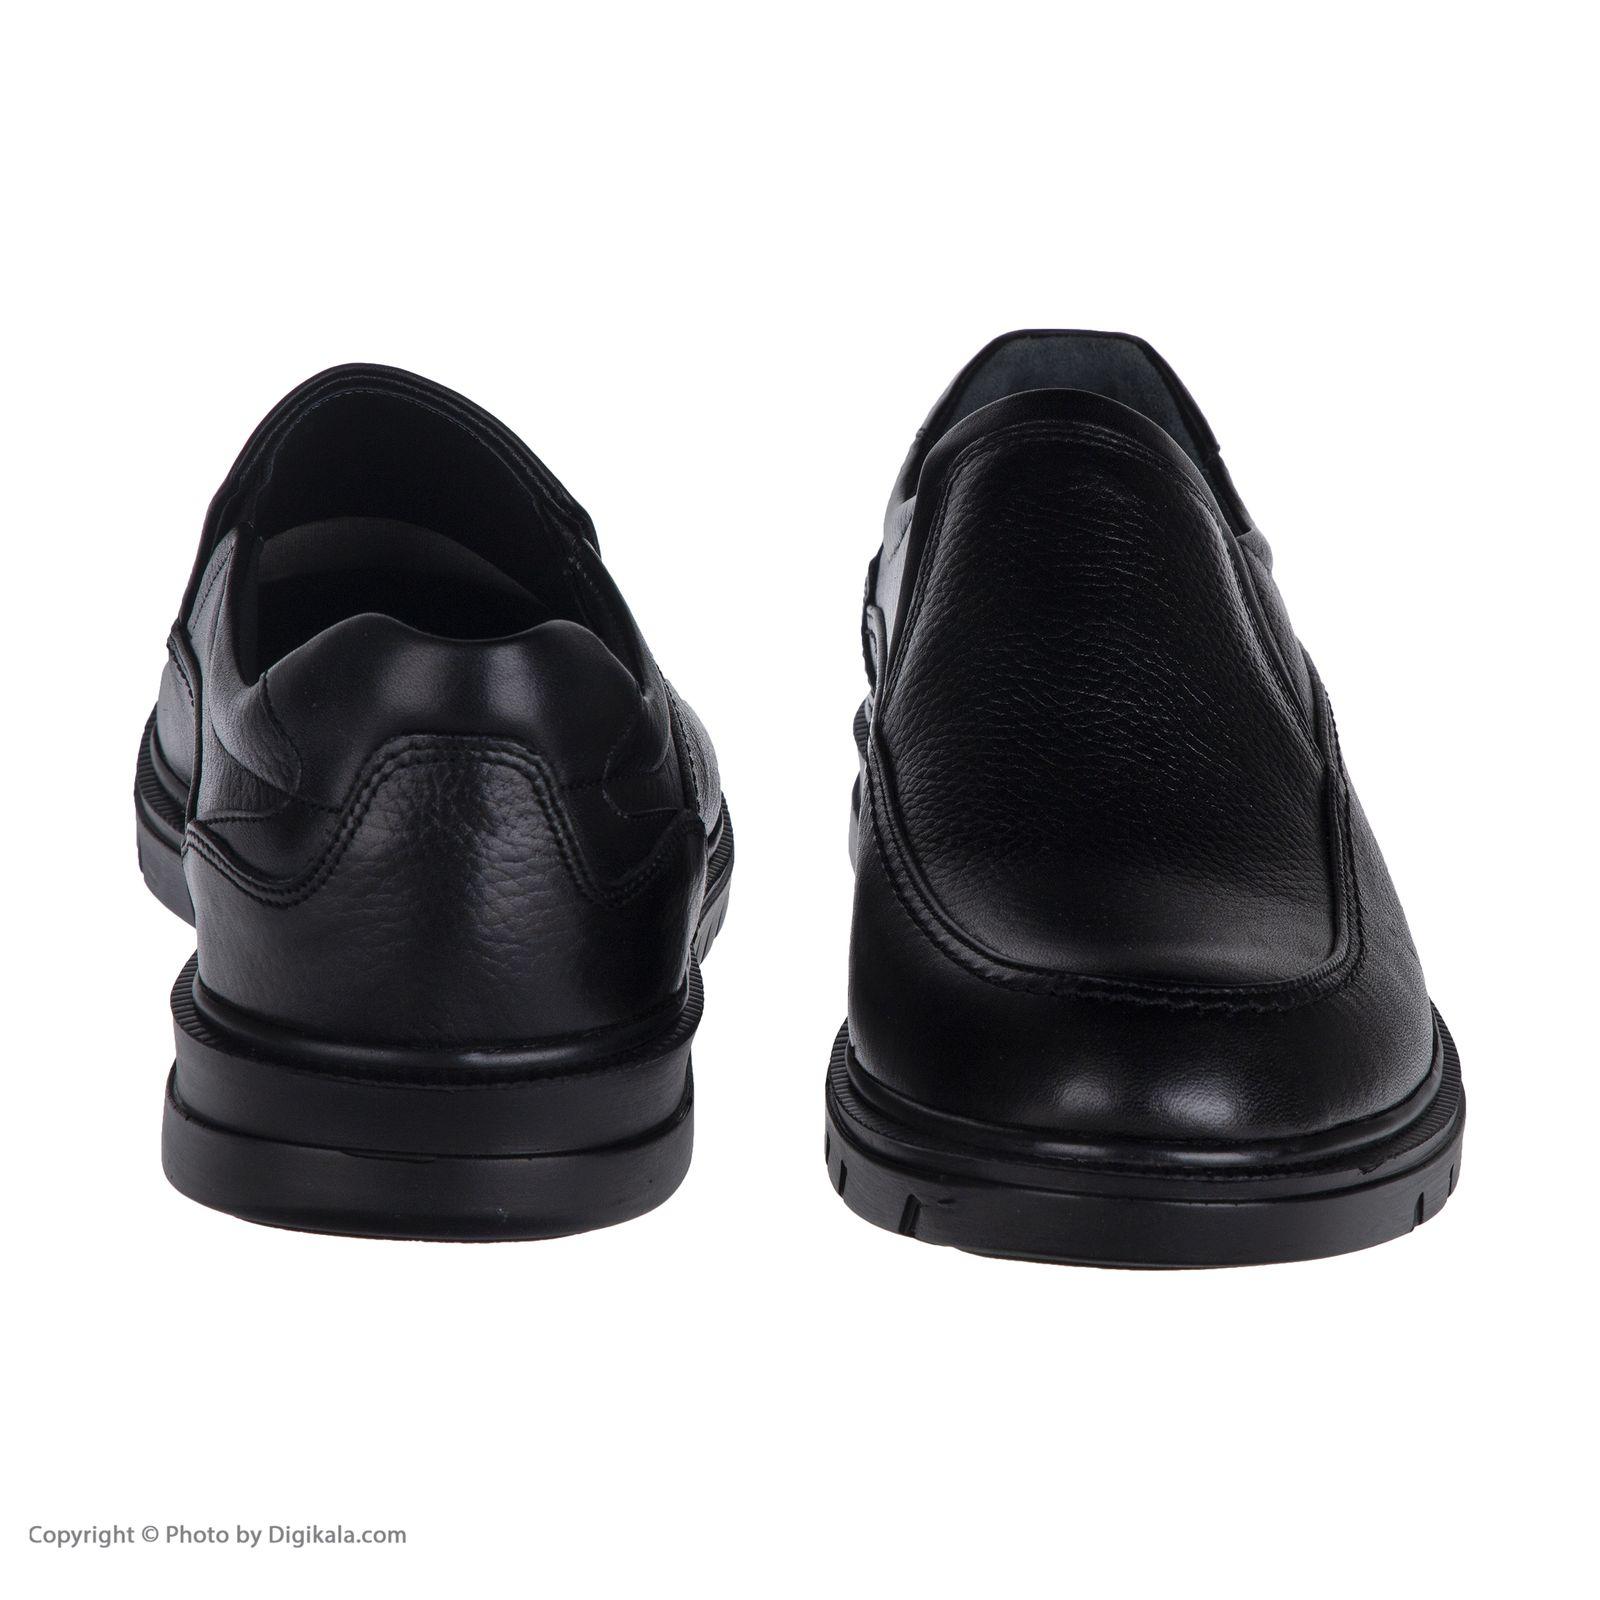 کفش روزمره مردانه بلوط مدل 7240A503101 -  - 5